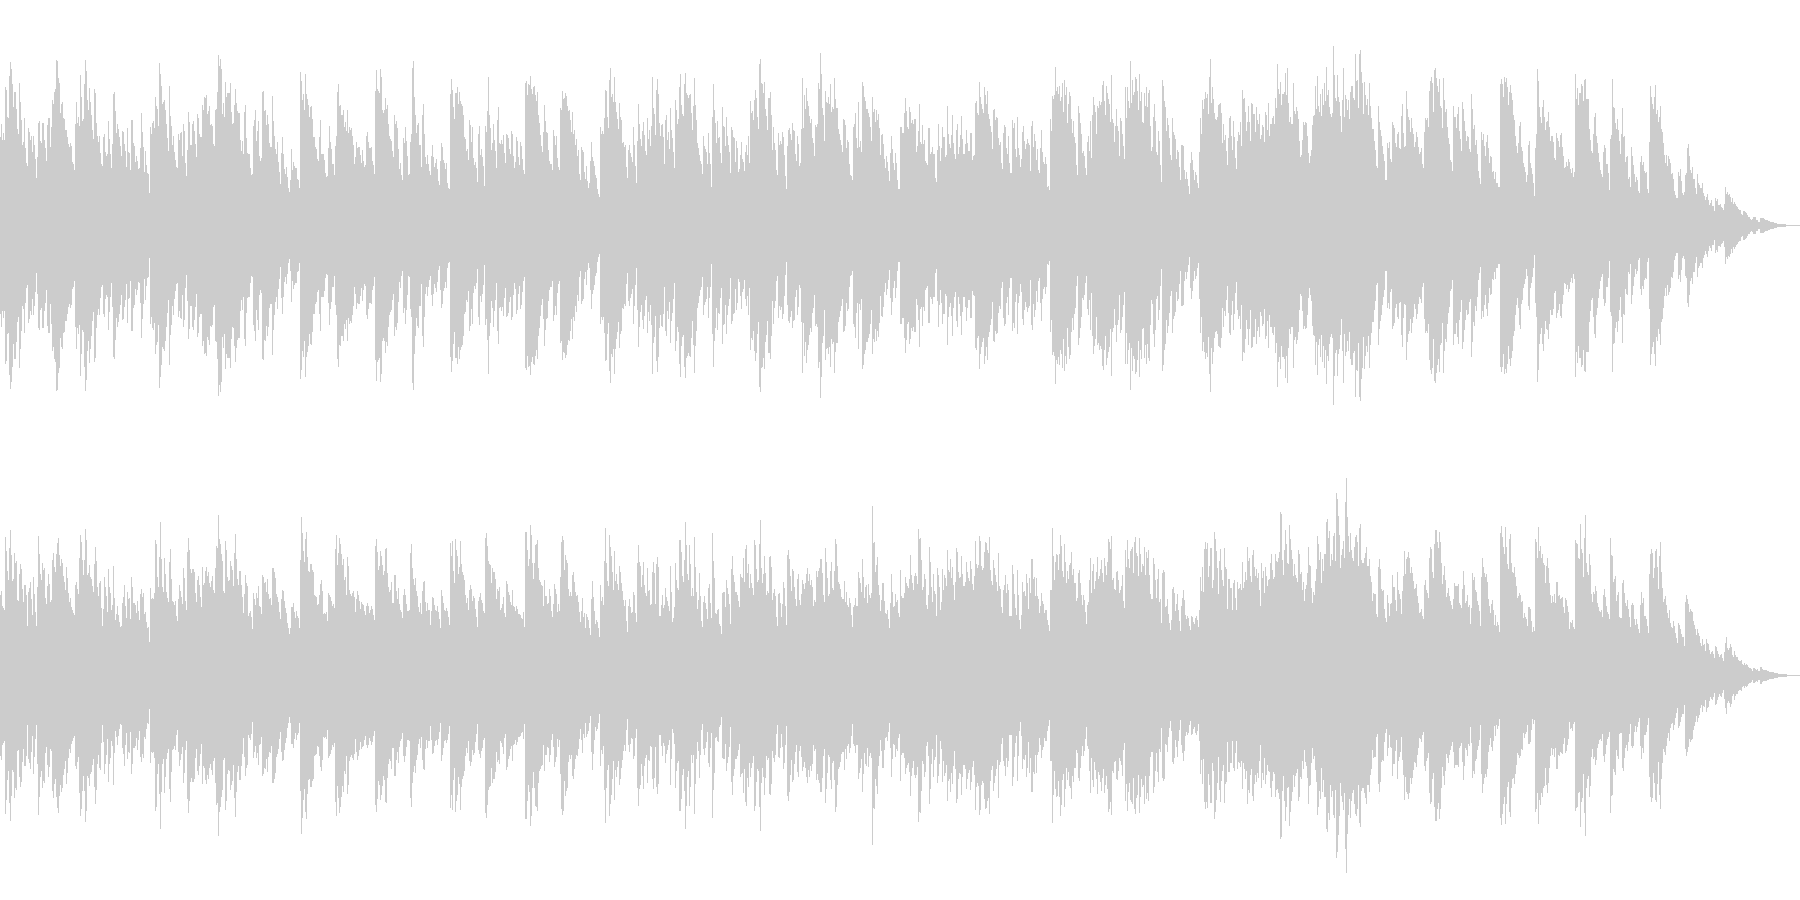 ゆったりと幻想的なピアノソロ曲の未再生の波形